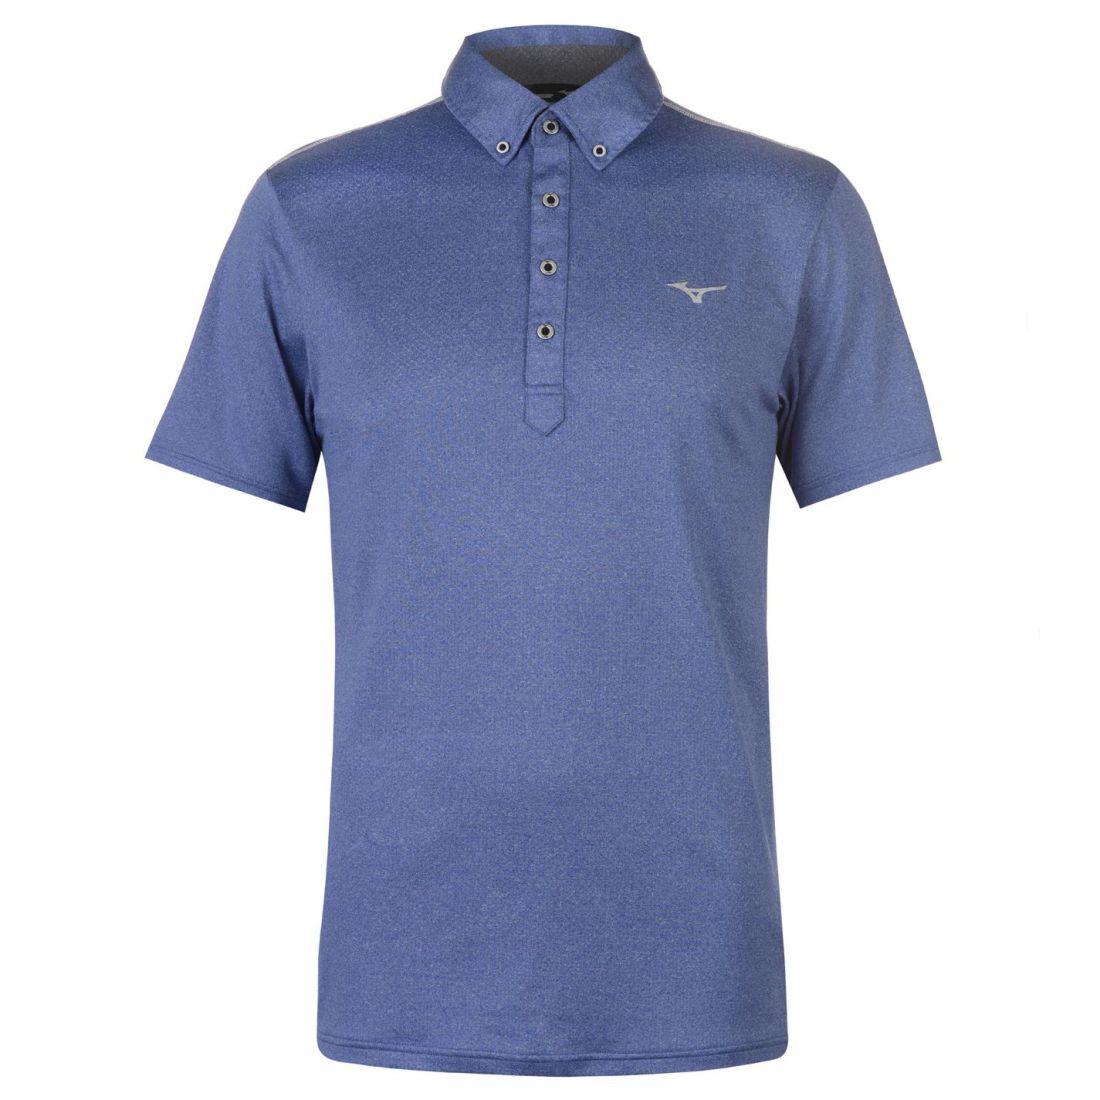 10e718189 Mizuno Mens Polo Shirt Short Sleeve Performance Tee Top Button ...